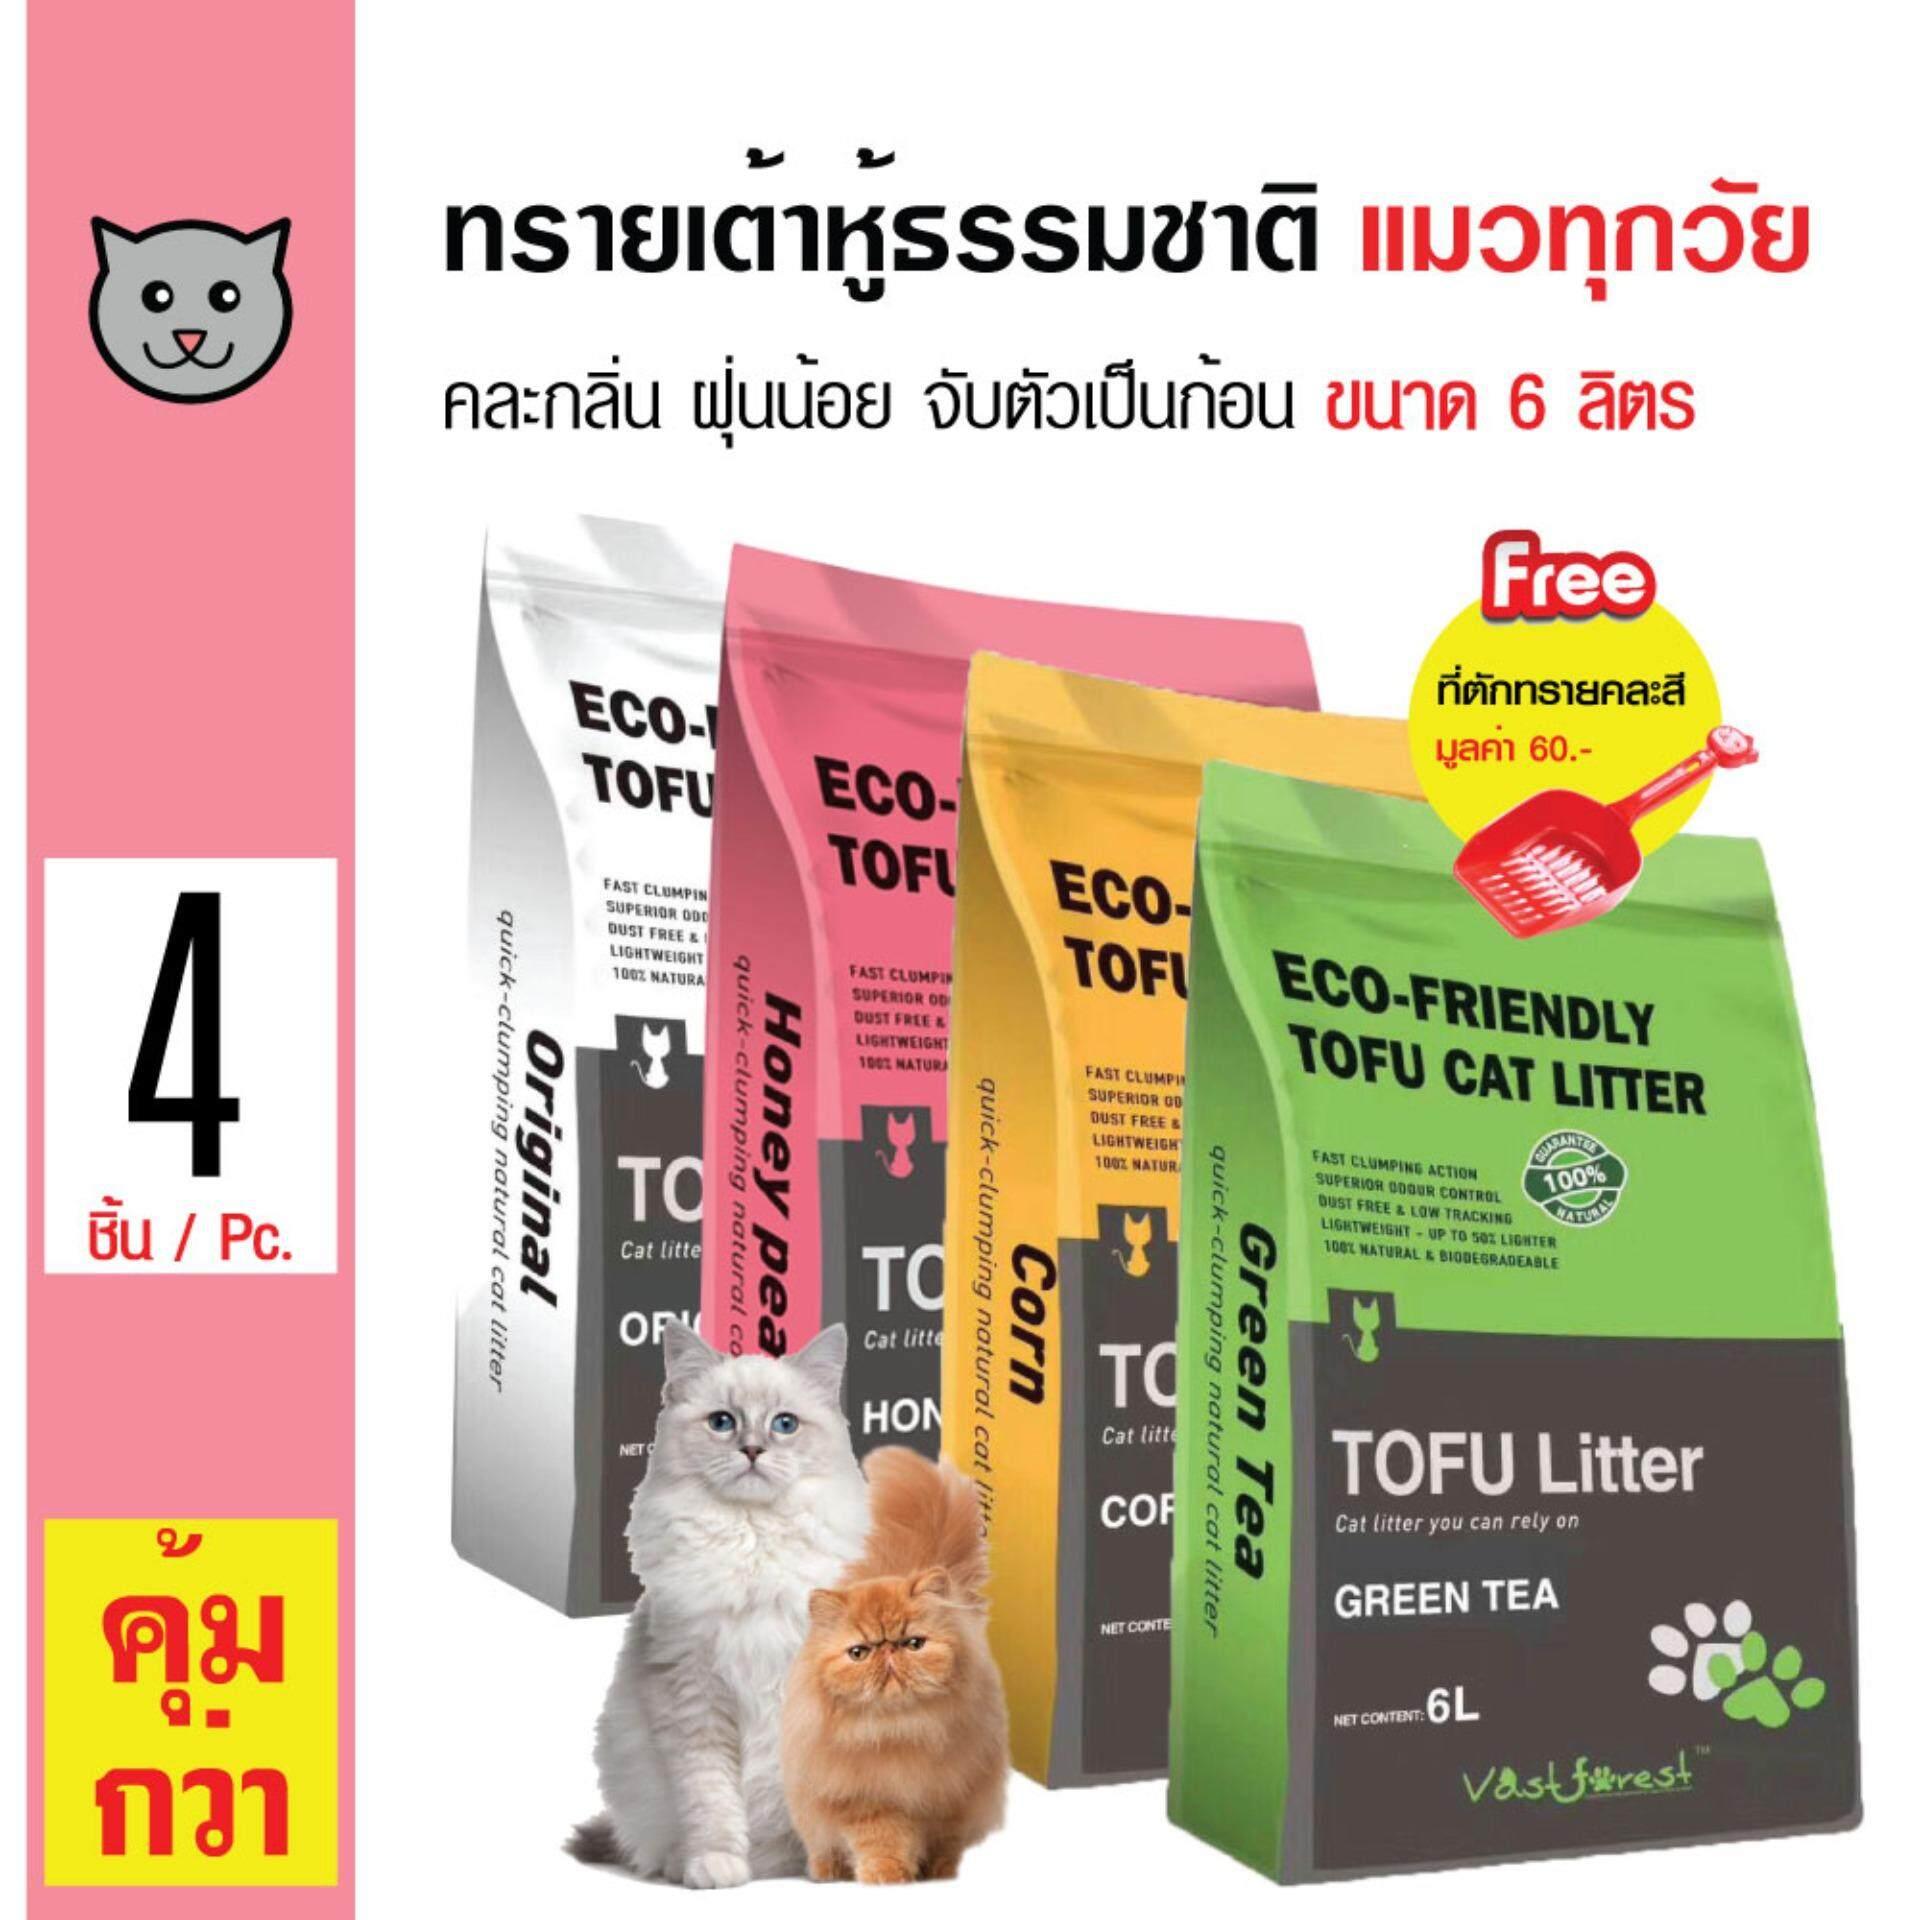 Tofu Cat Litter ทรายแมวเต้าหู้ ทรายธรรมชาติ คละกลิ่น ฝุ่นน้อย จับตัวเป็นก้อน สำหรับแมวทุกสายพันธุ์ ขนาด 6 ลิตร x 4 ถุง แถมฟรี! ที่ตักทราย